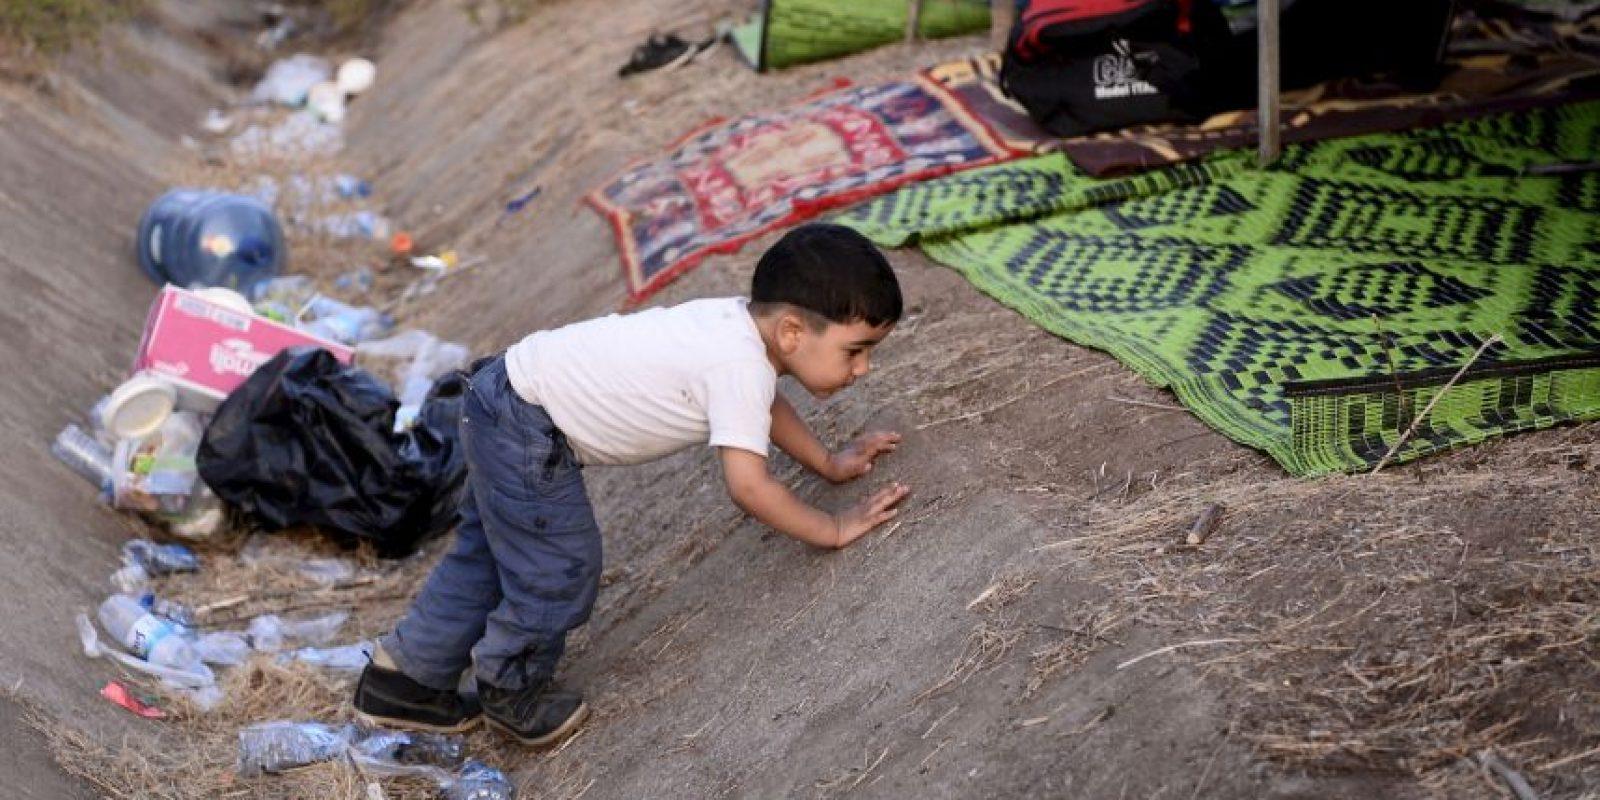 Algunas niñas son obligadas a prostituirse por parte de las mafias de migrantes Foto:Getty Images